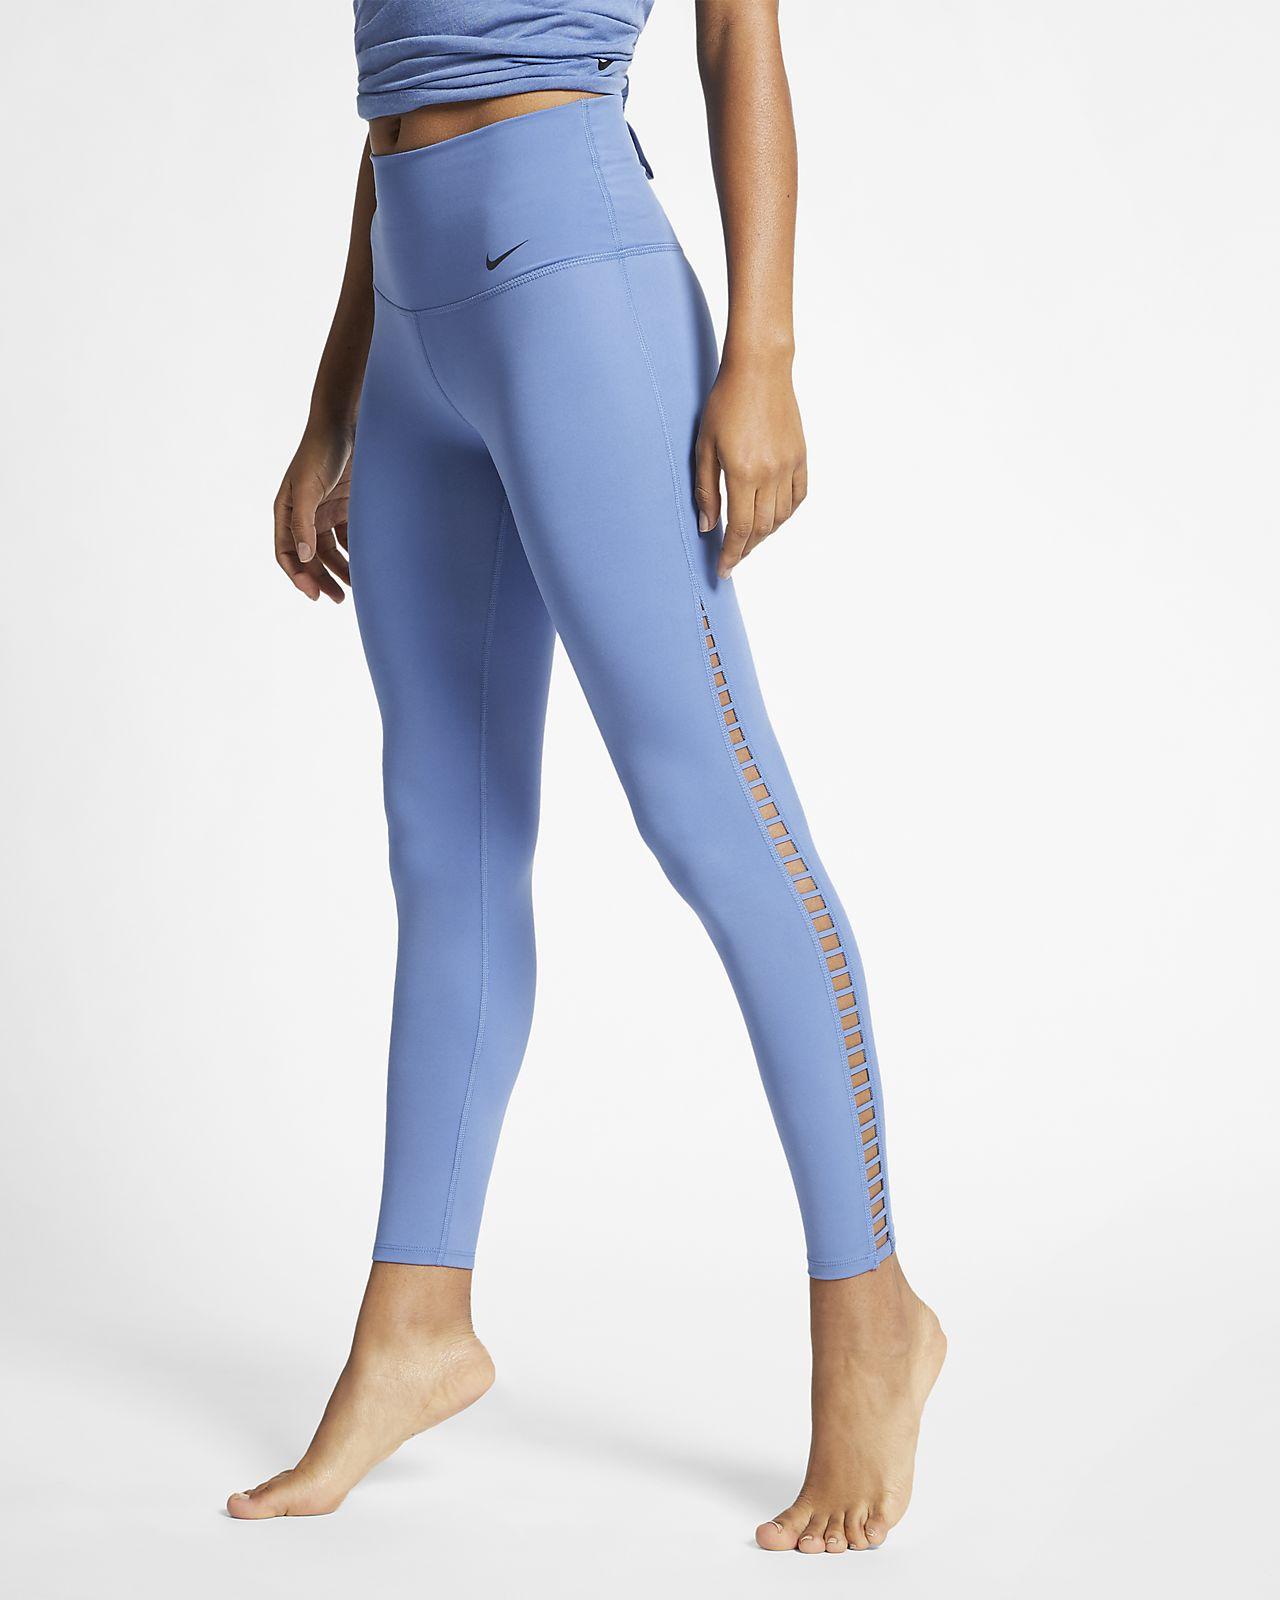 Nike Dri-FIT Power Malles de 7/8 d'entrenament de ioga - Dona